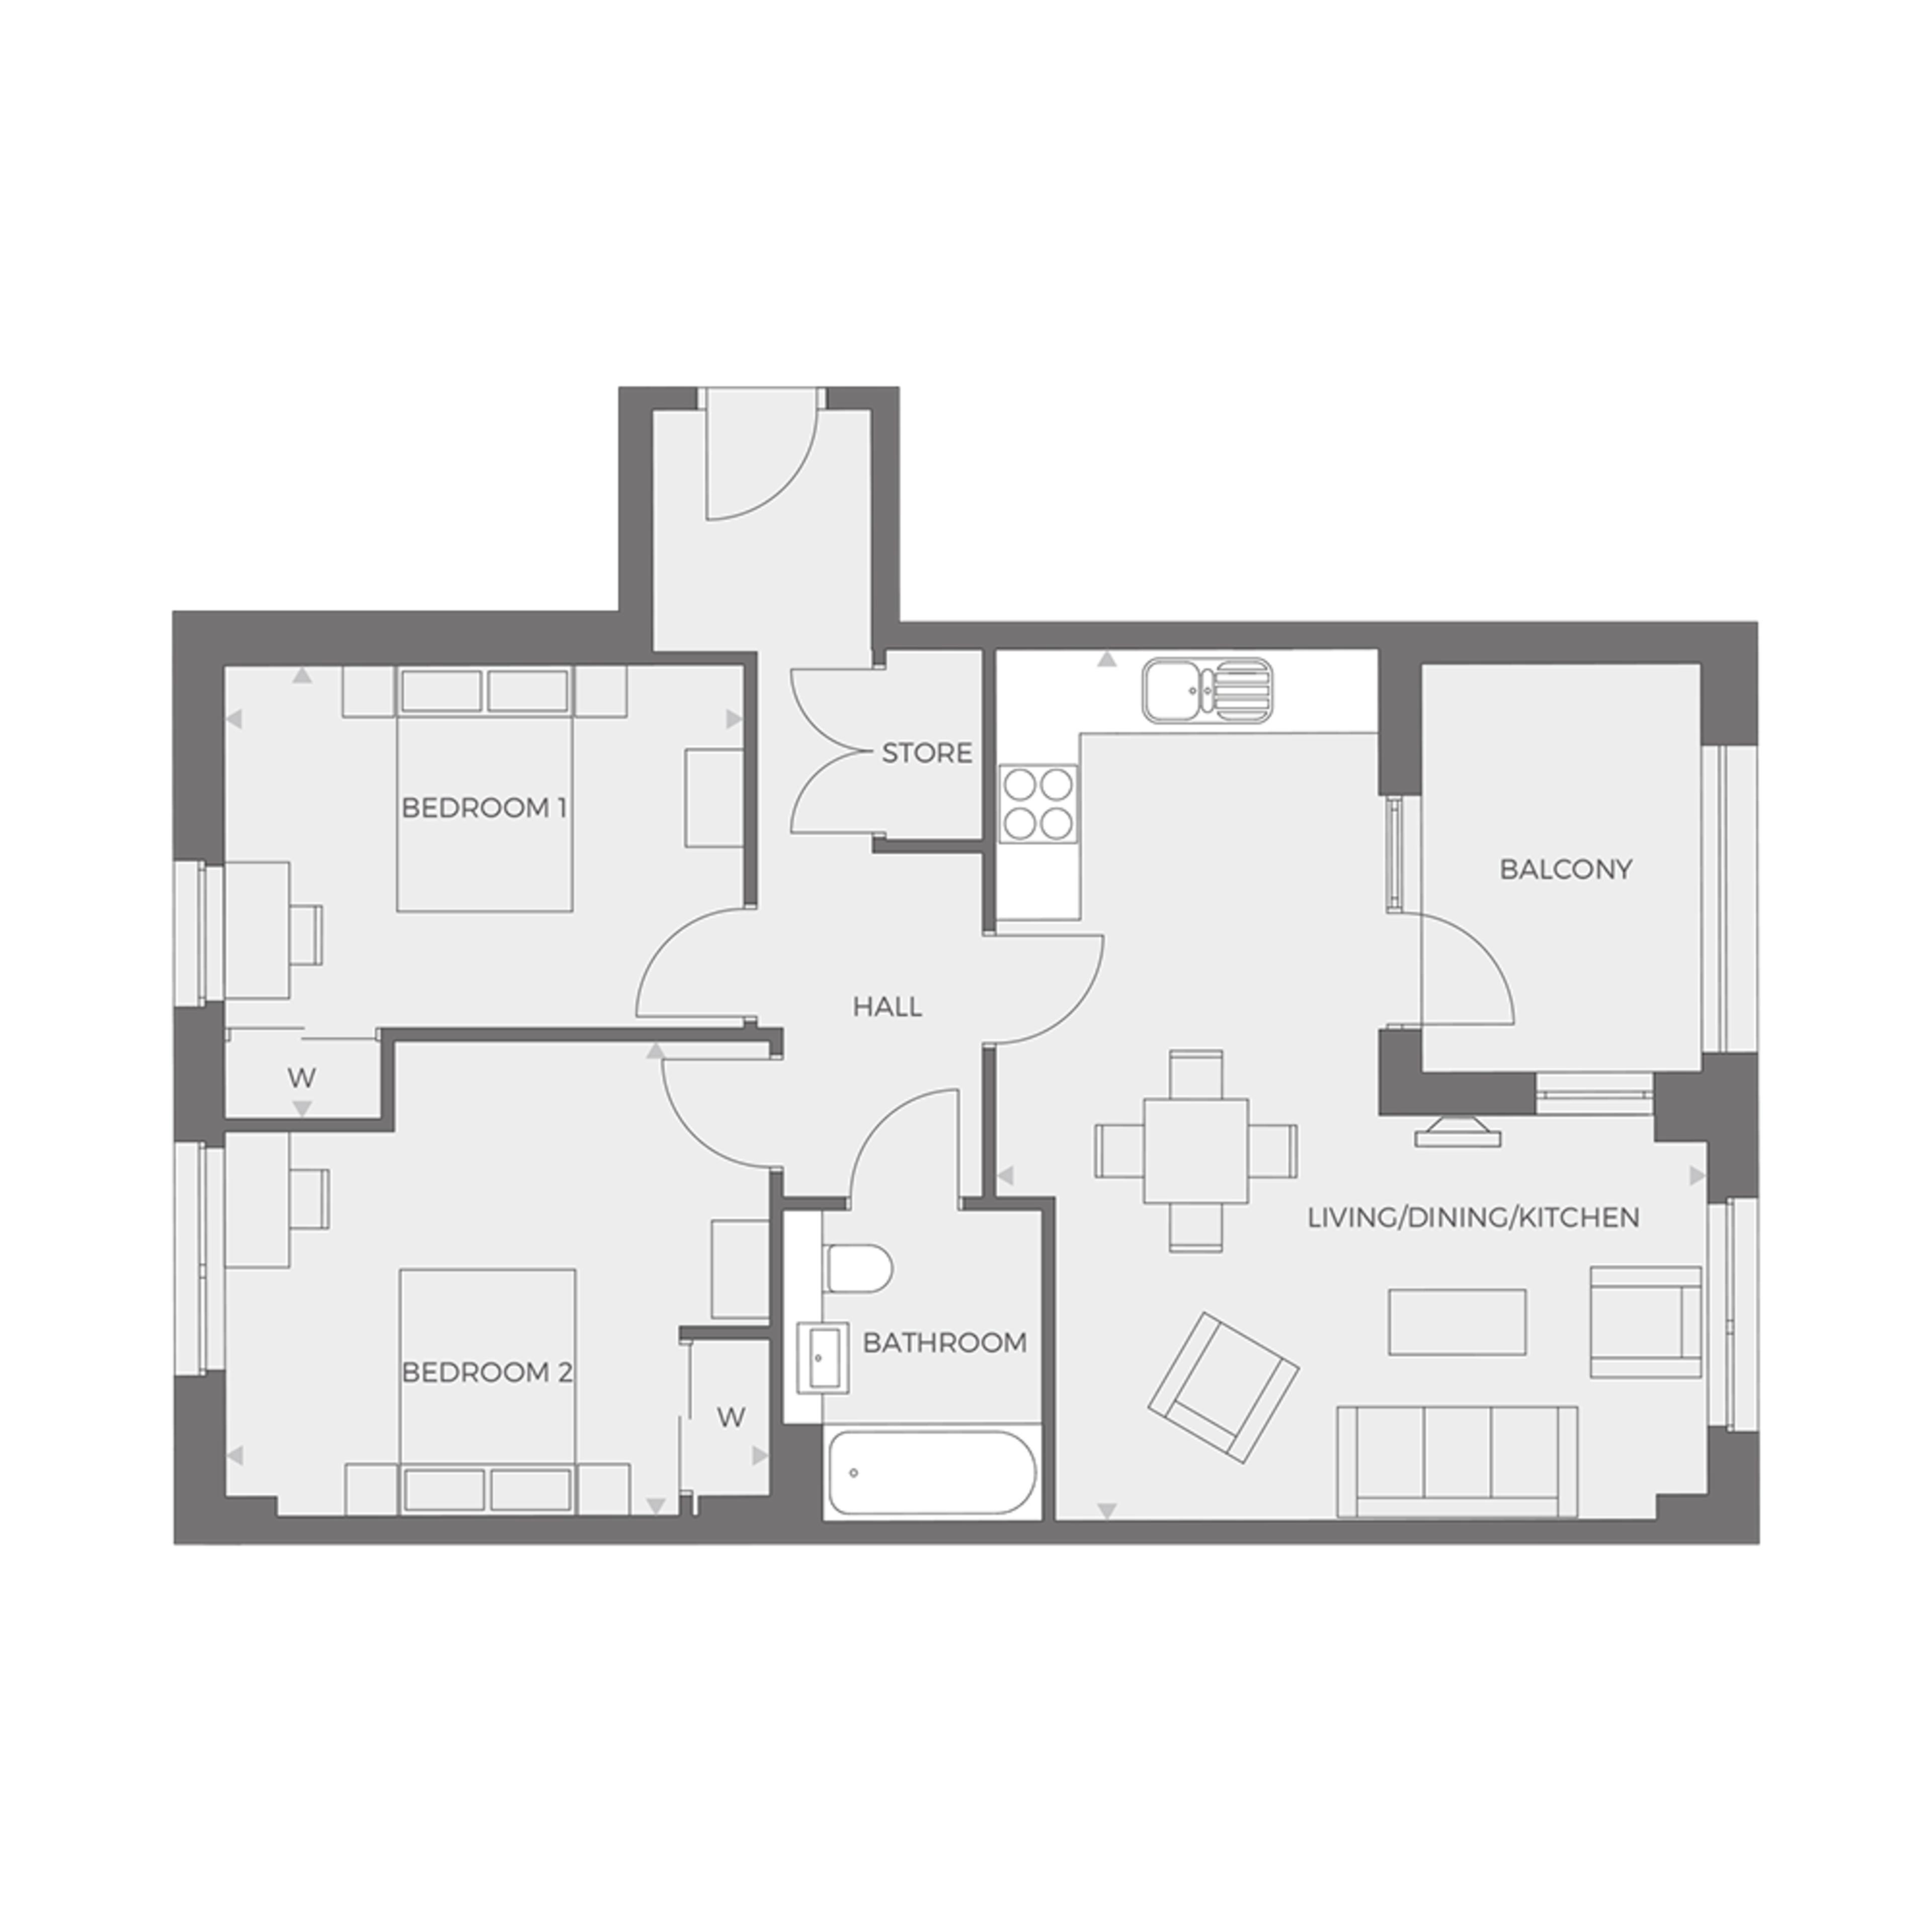 RUB1X - 2 bed Type C floor plan